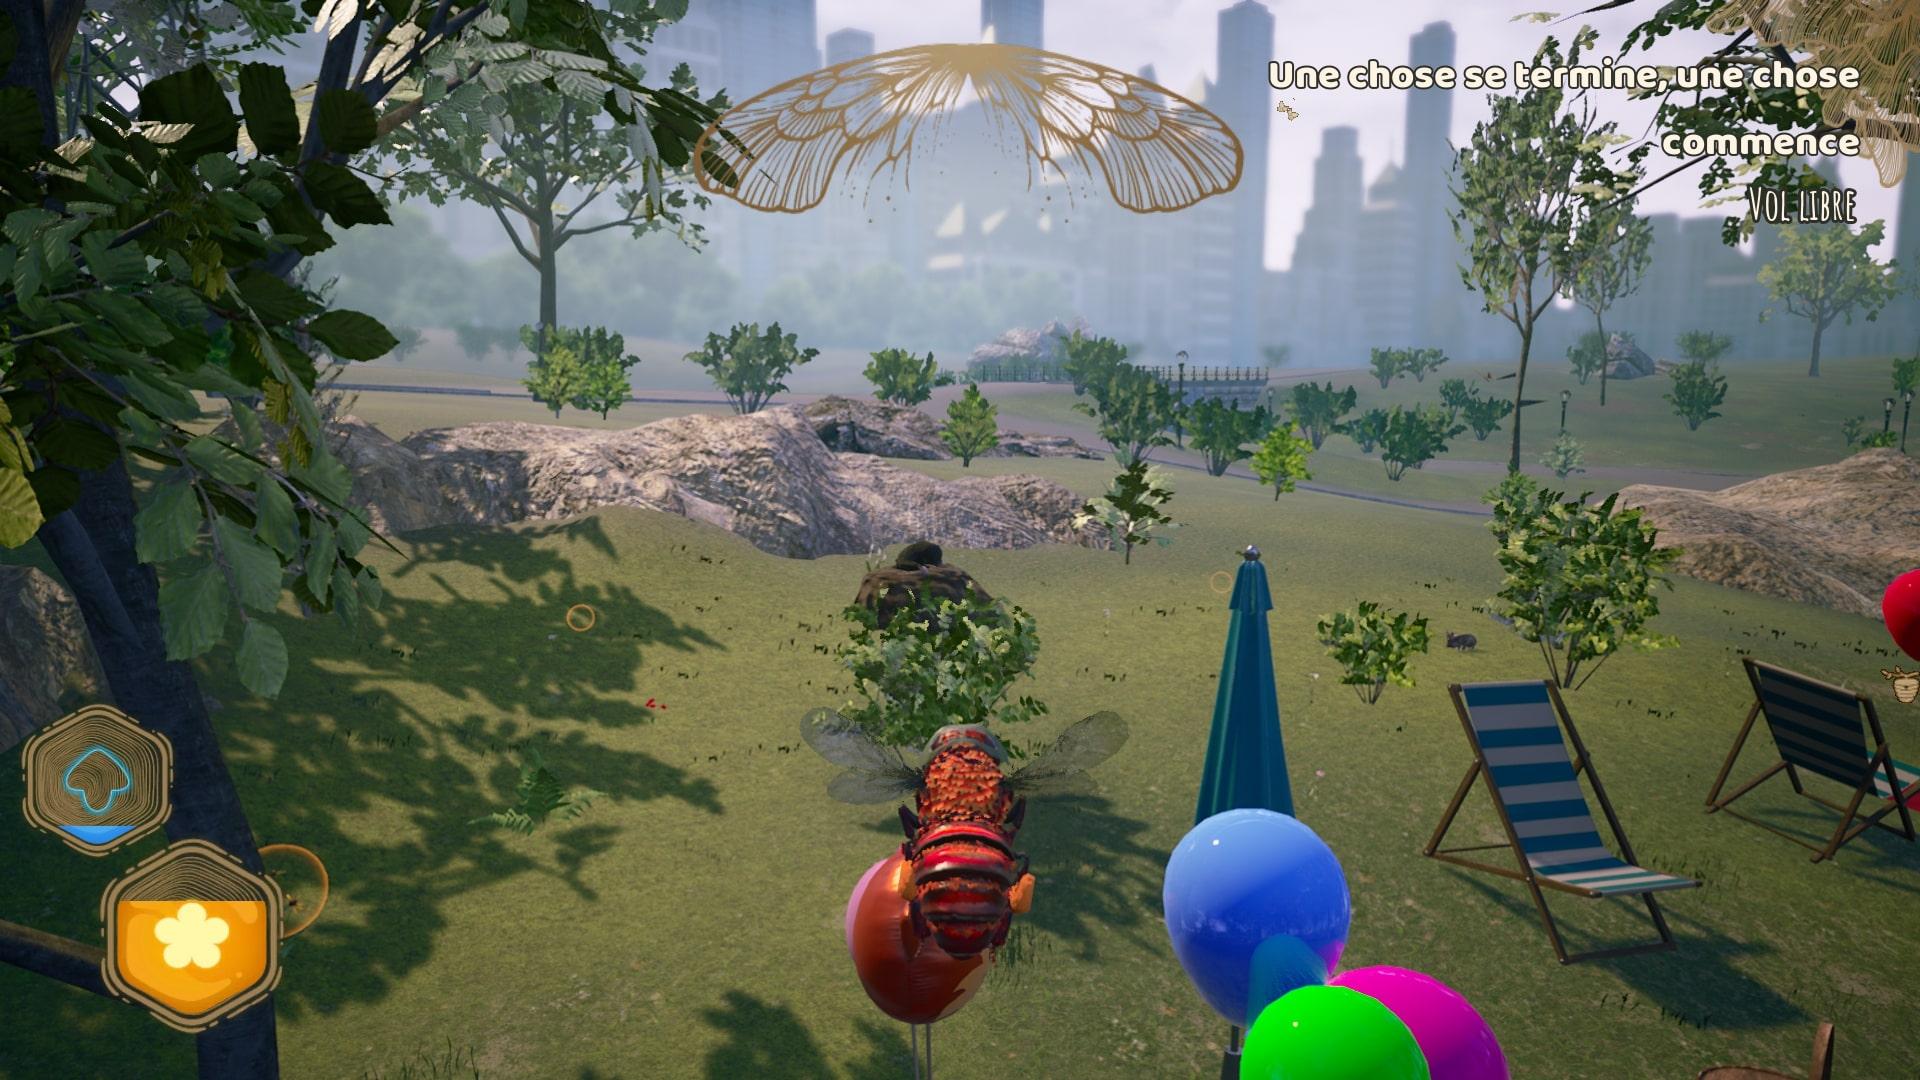 Où Trouver La Taupe ? - Bee Simulator concernant Jeu De La Taupe